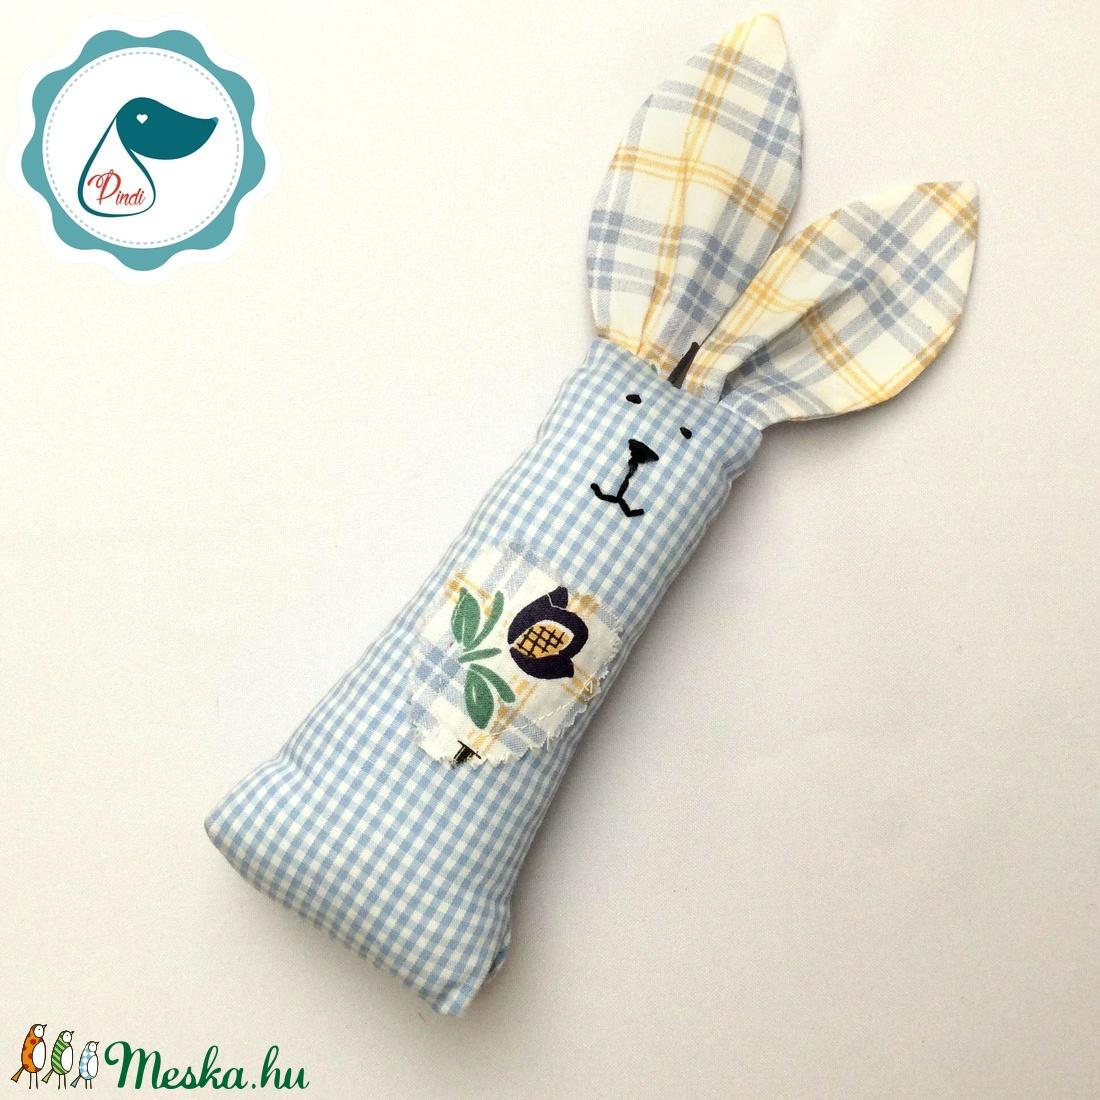 Nyuszi- egyedi tervezésű kézműves játék - textiljáték -  húsvéti nyúl         - Meska.hu